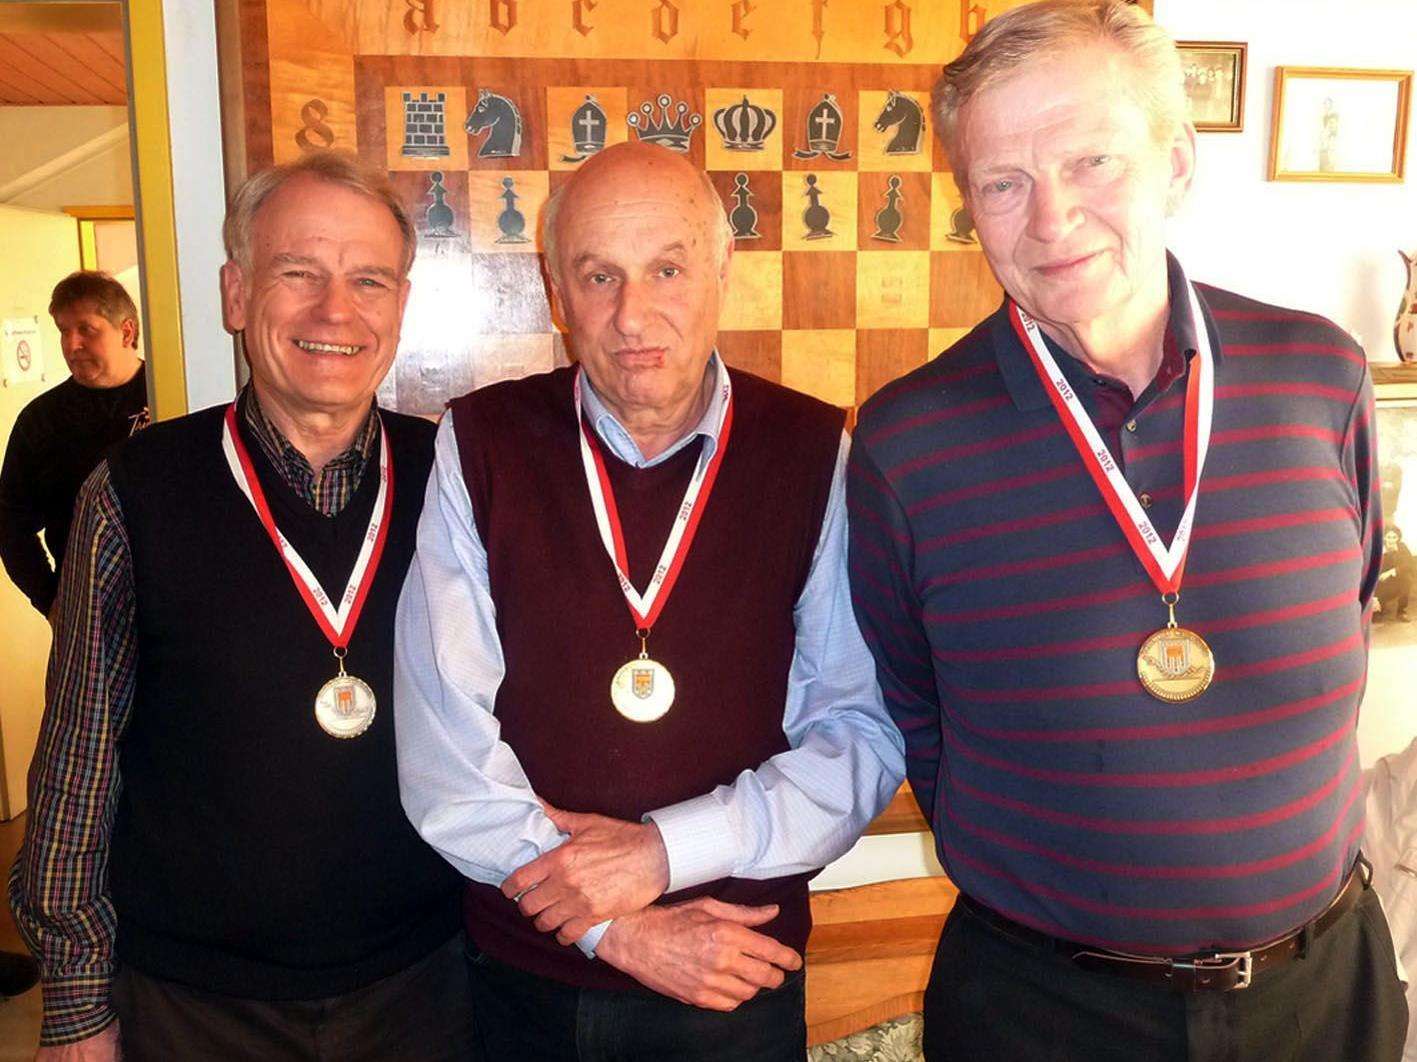 Walter Büchele (Mitte) gewann die Schach-LM vor Günter Dellanoi und Dr. Helmuth Koch (r.).